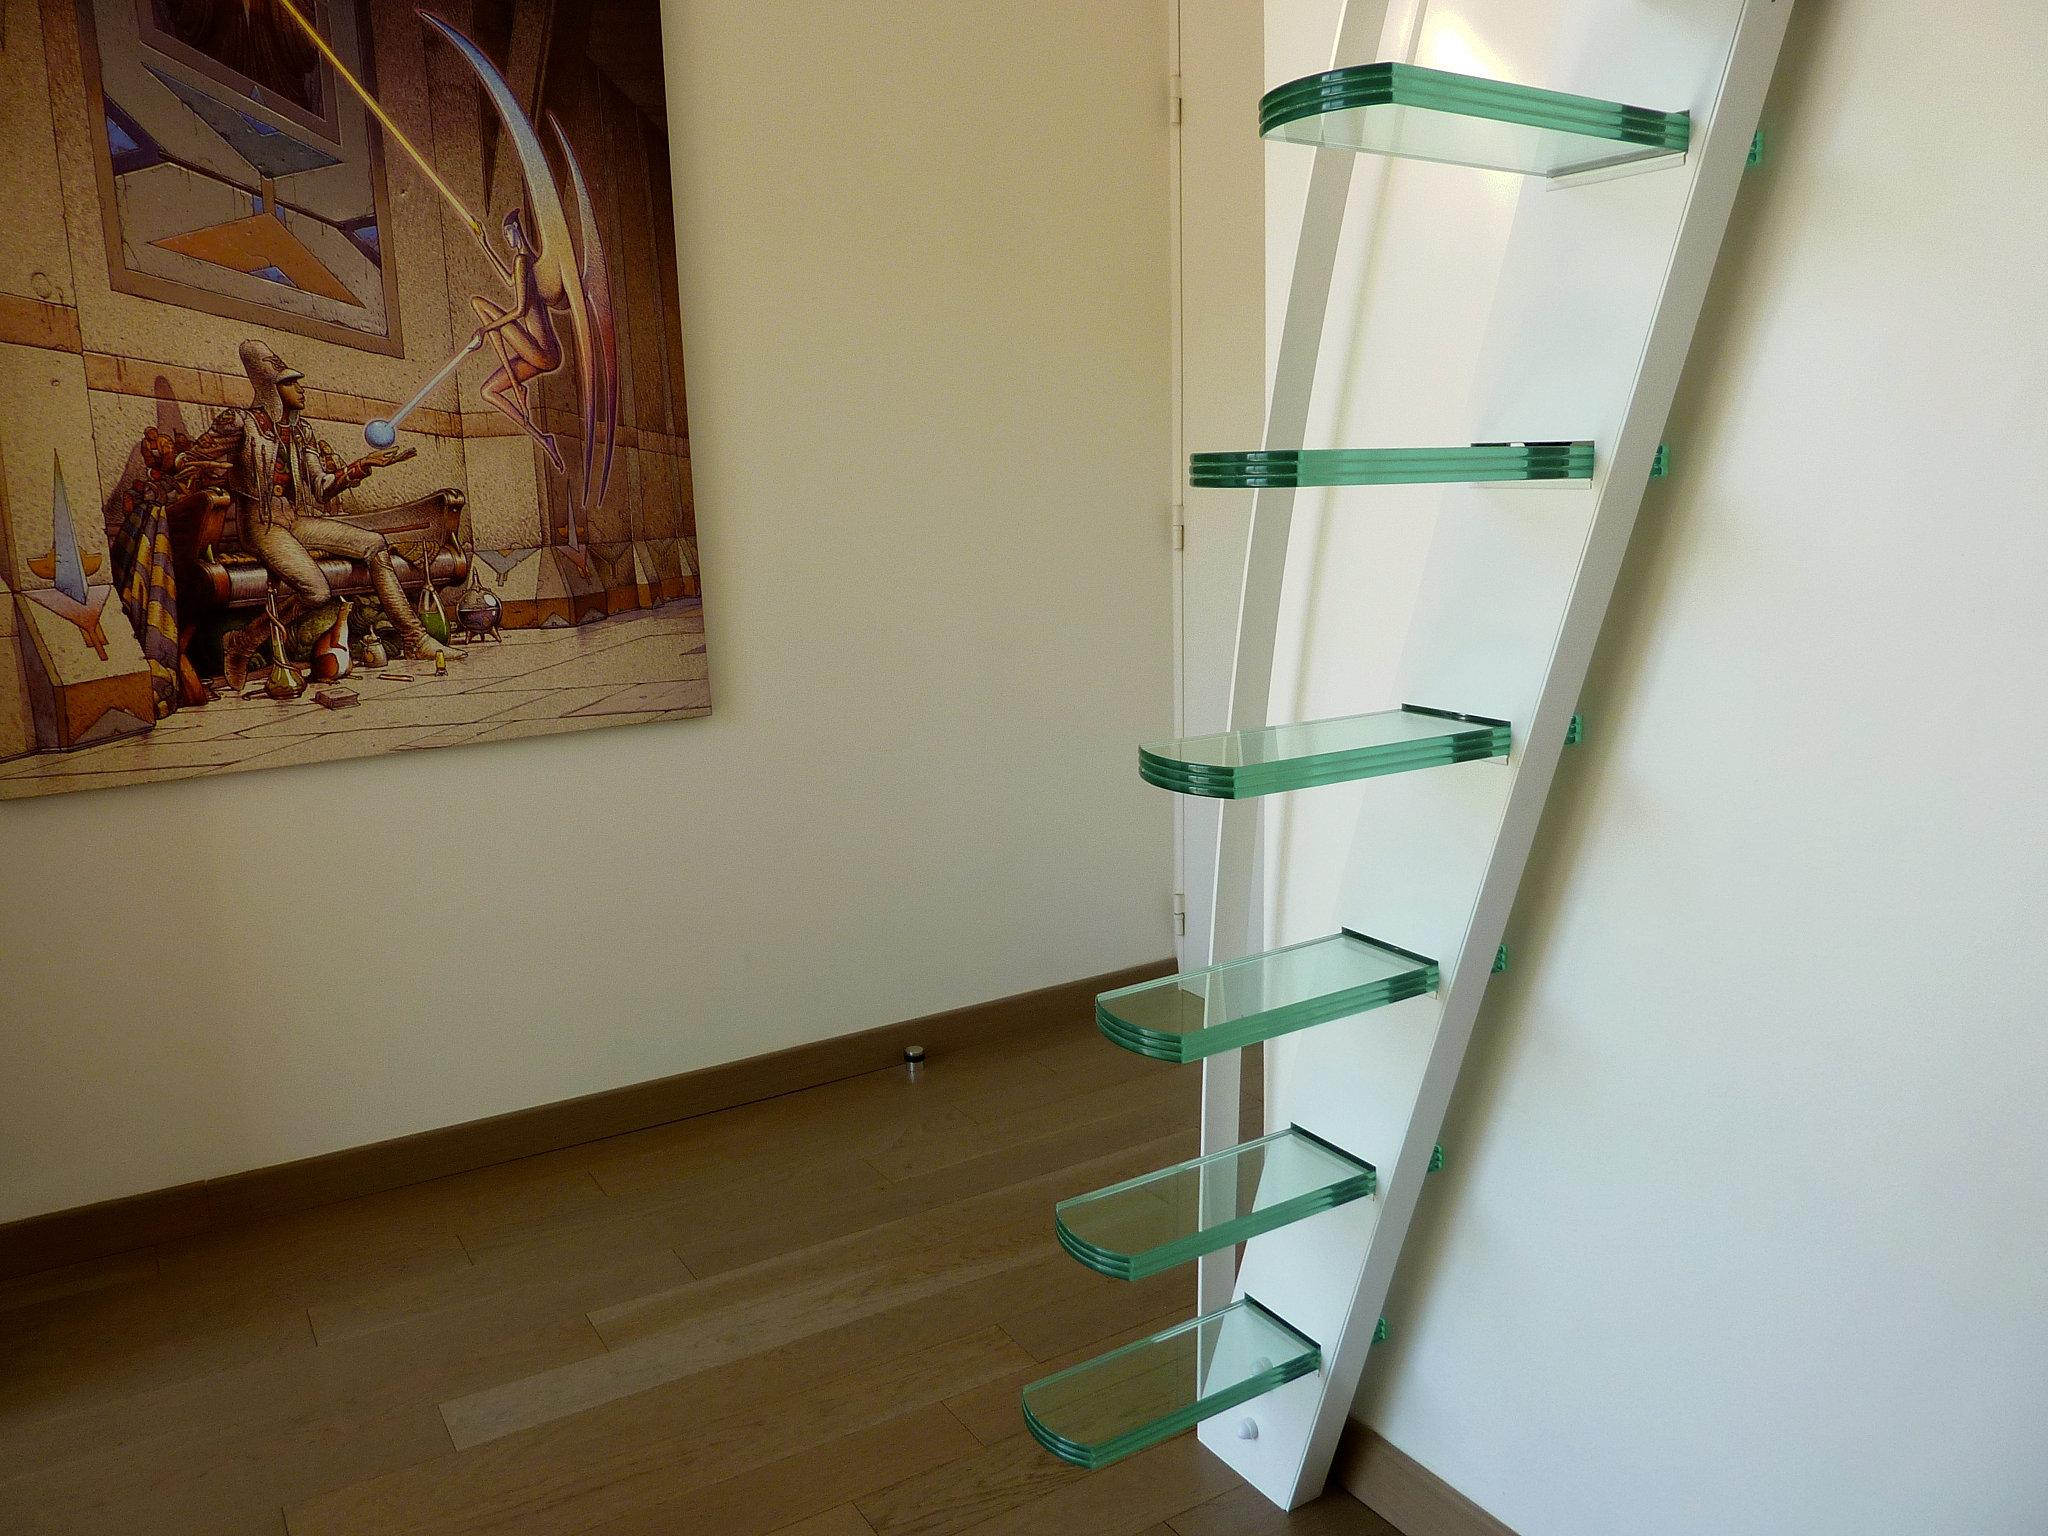 escalier mobilier mezzanine design la stylique paris mezzanine design marches en verre. Black Bedroom Furniture Sets. Home Design Ideas